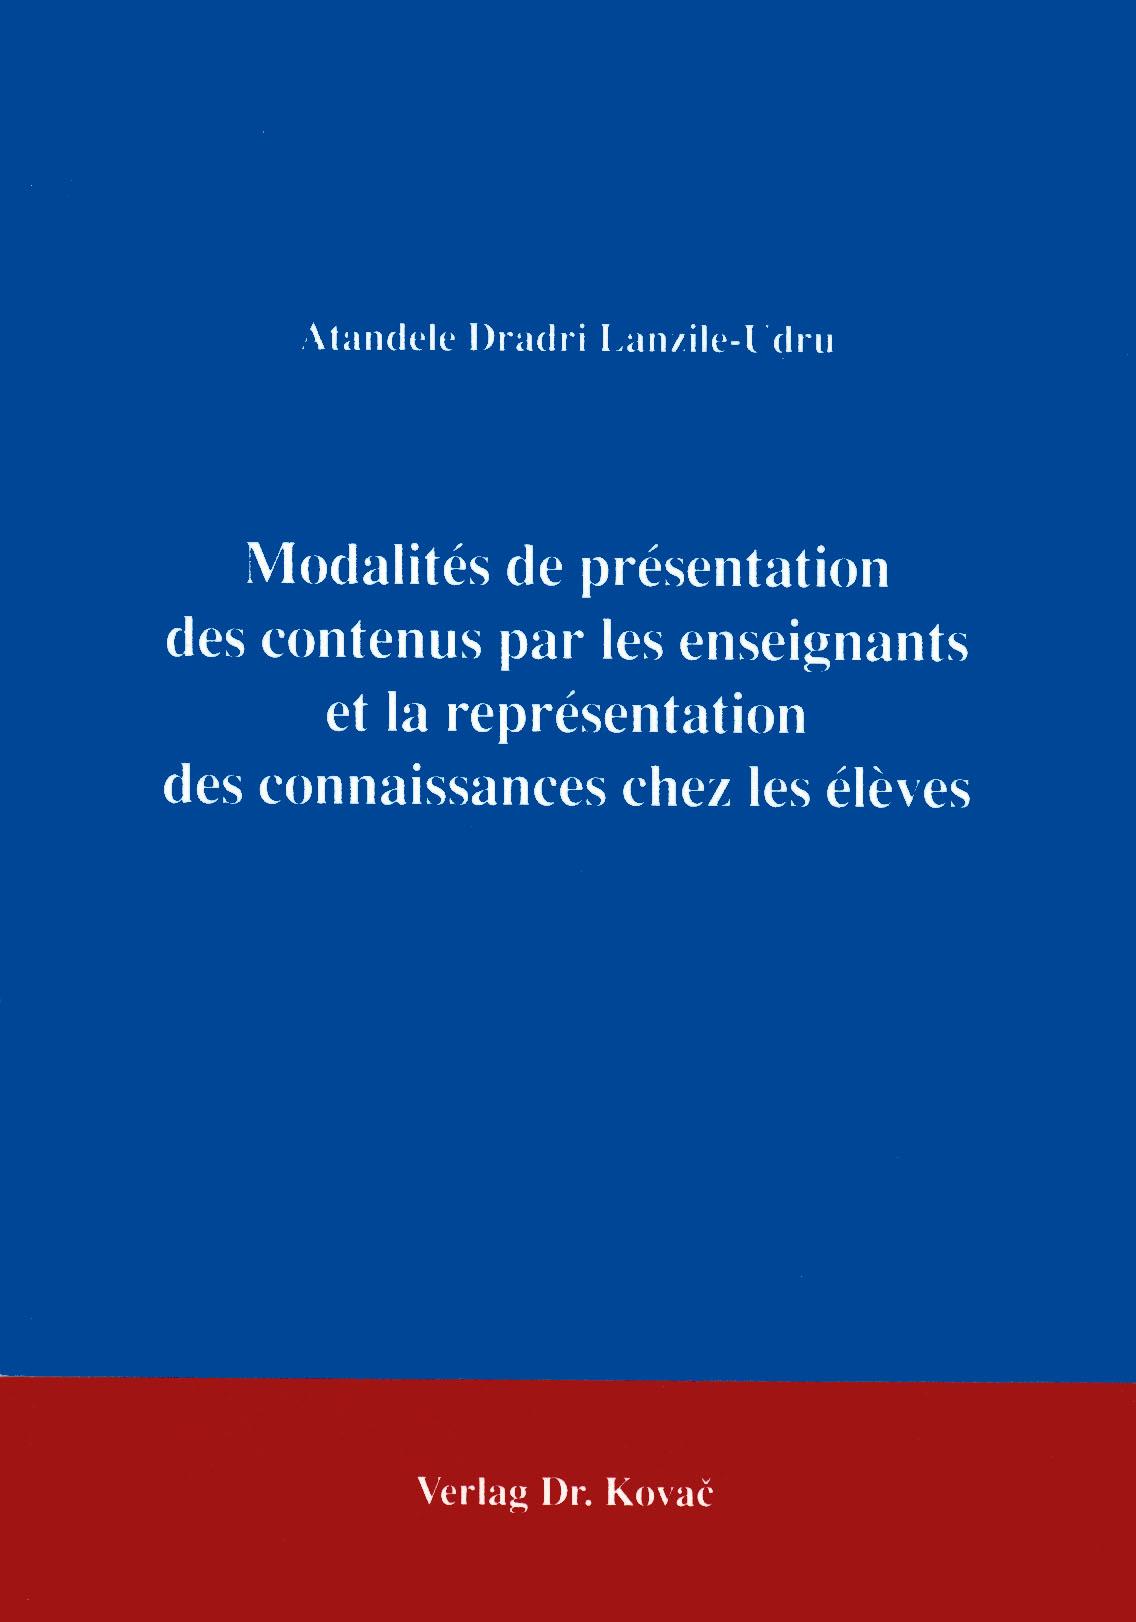 Cover: Modalités de présentation des contenus par les enseignants et la représentation des connaissances chez les élèves